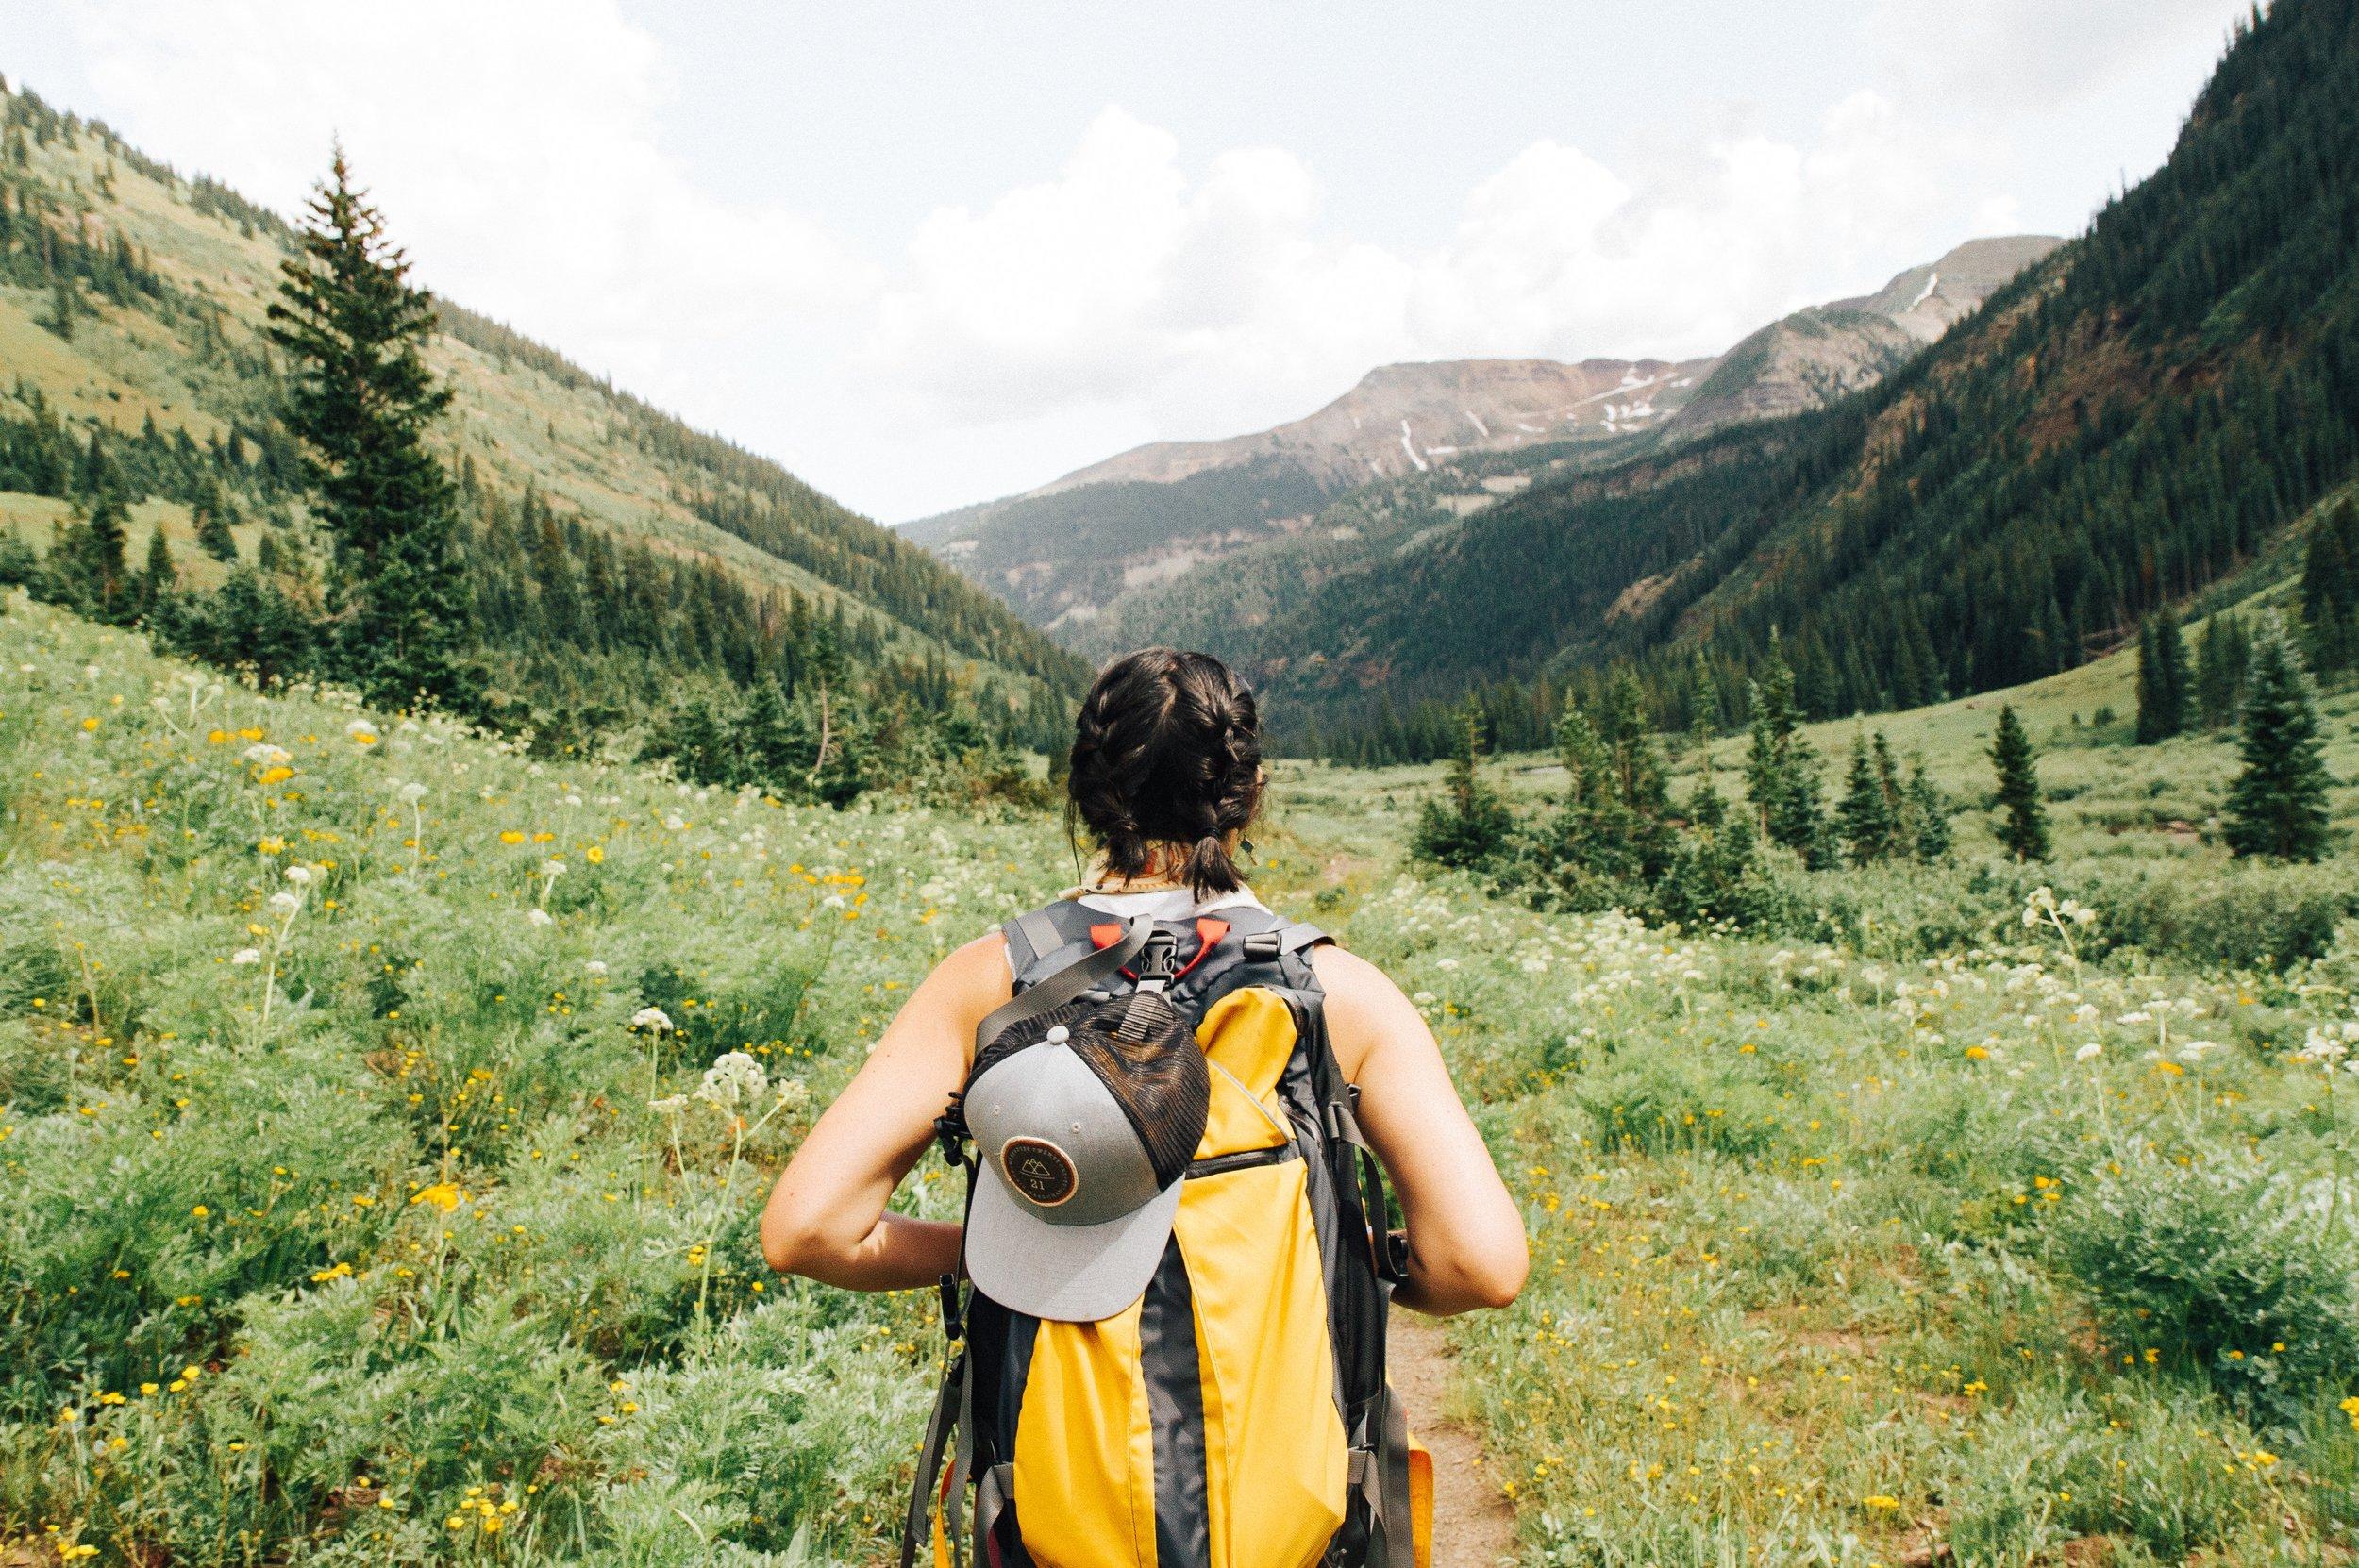 woman hiker walking through a green field between mountains